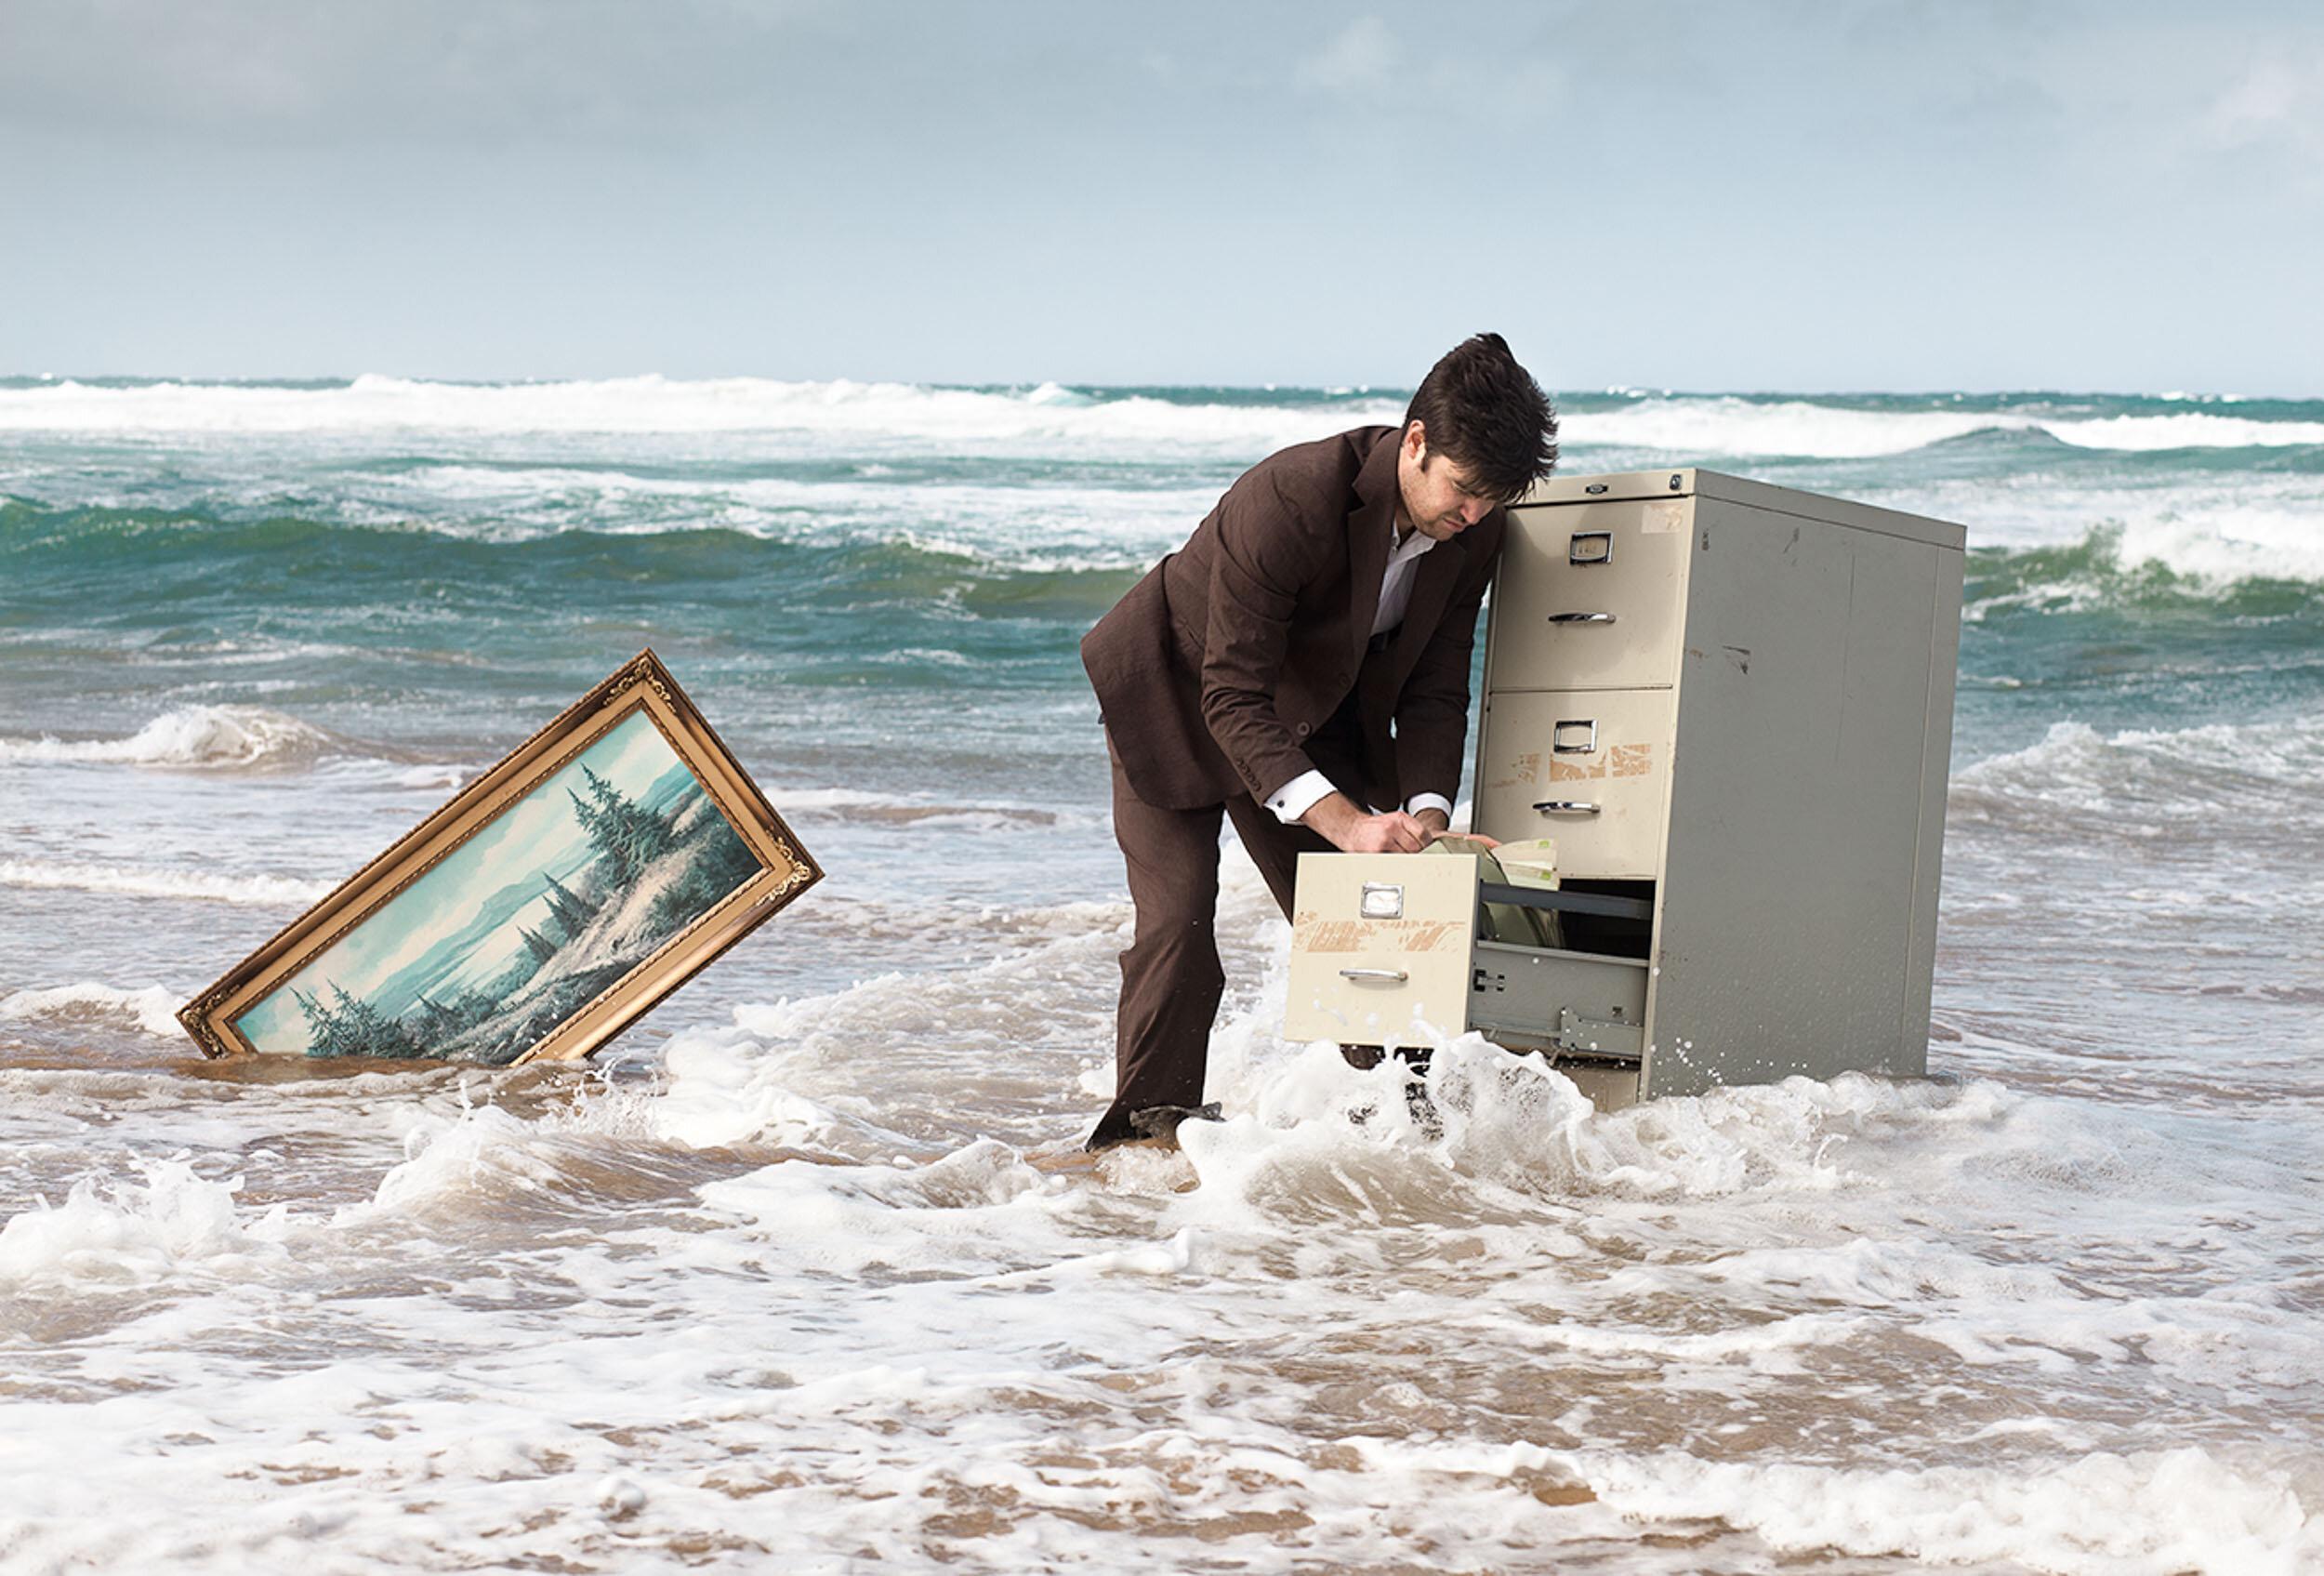 Packraft_Australia_File_Away_Ocean_Waves.jpg